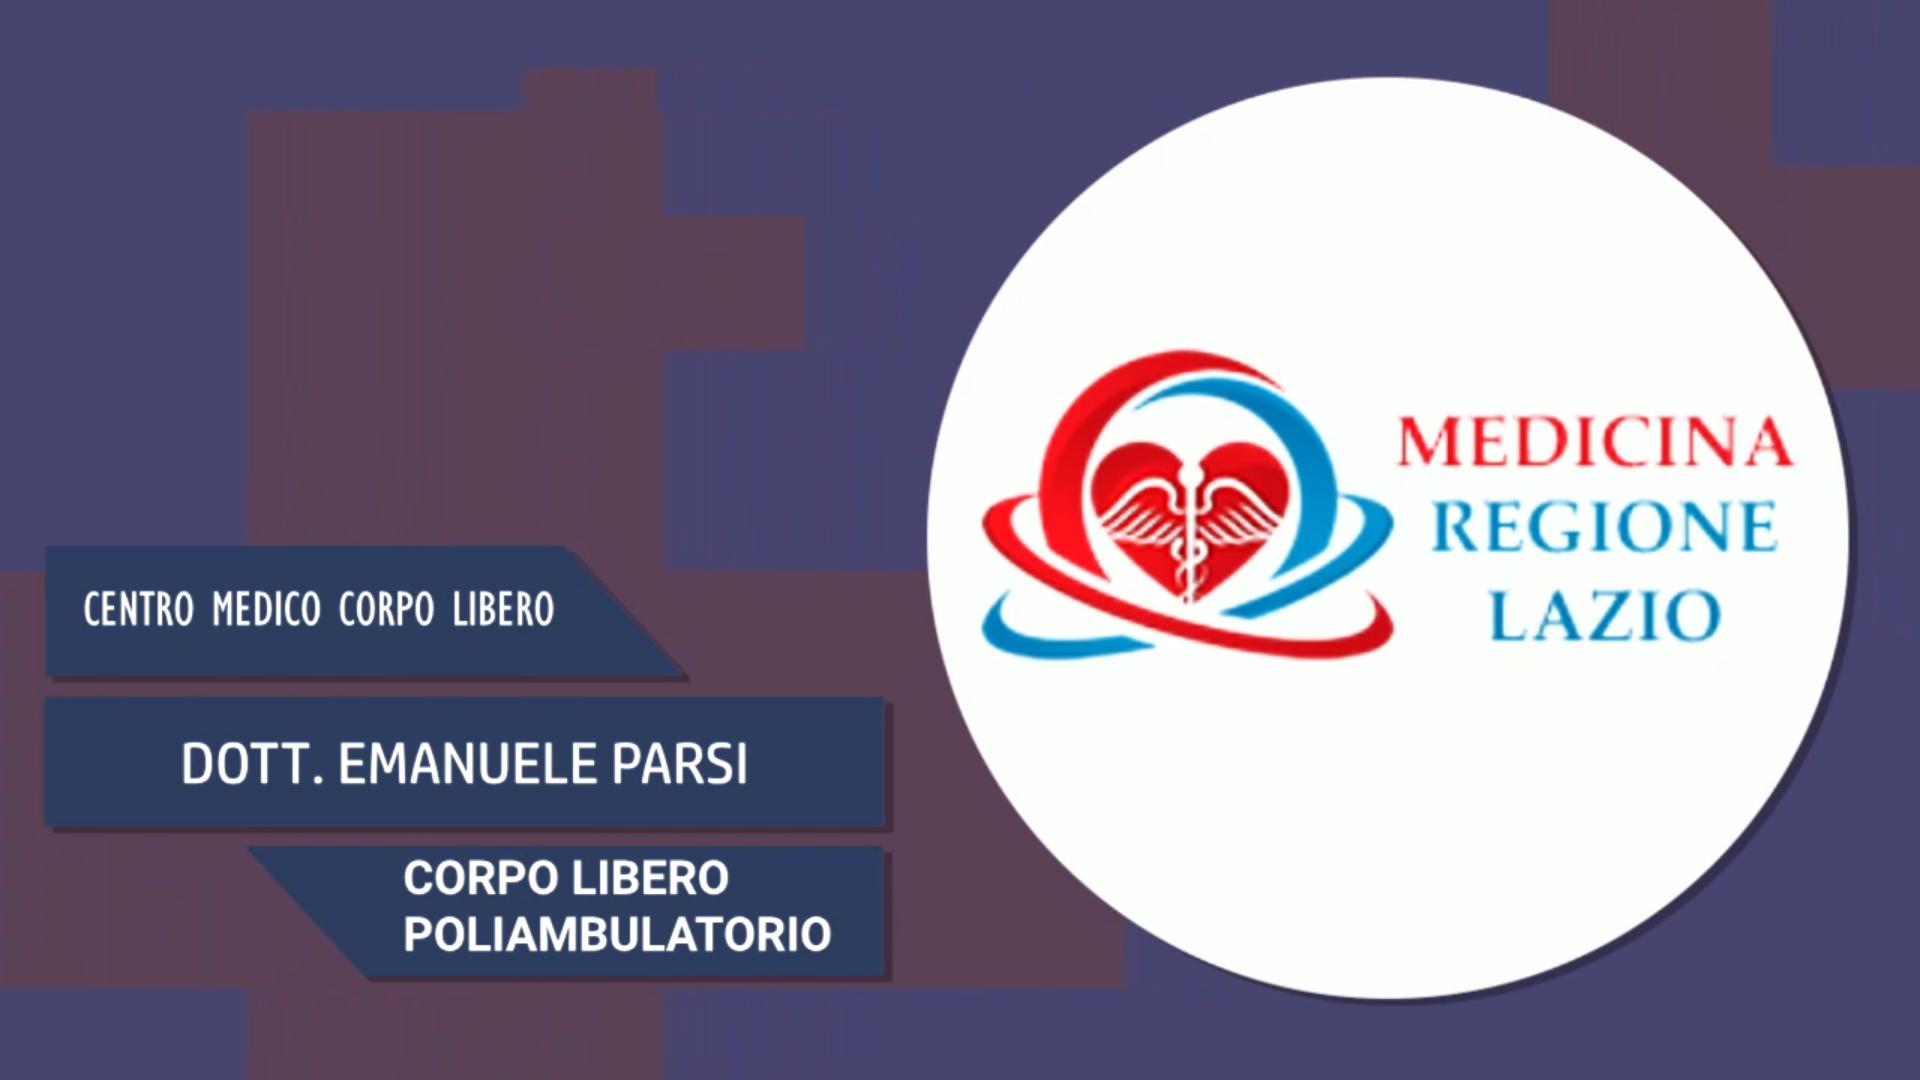 Intervista al Dott. Emanuele Parsi – Corpo libero poliambulatorio